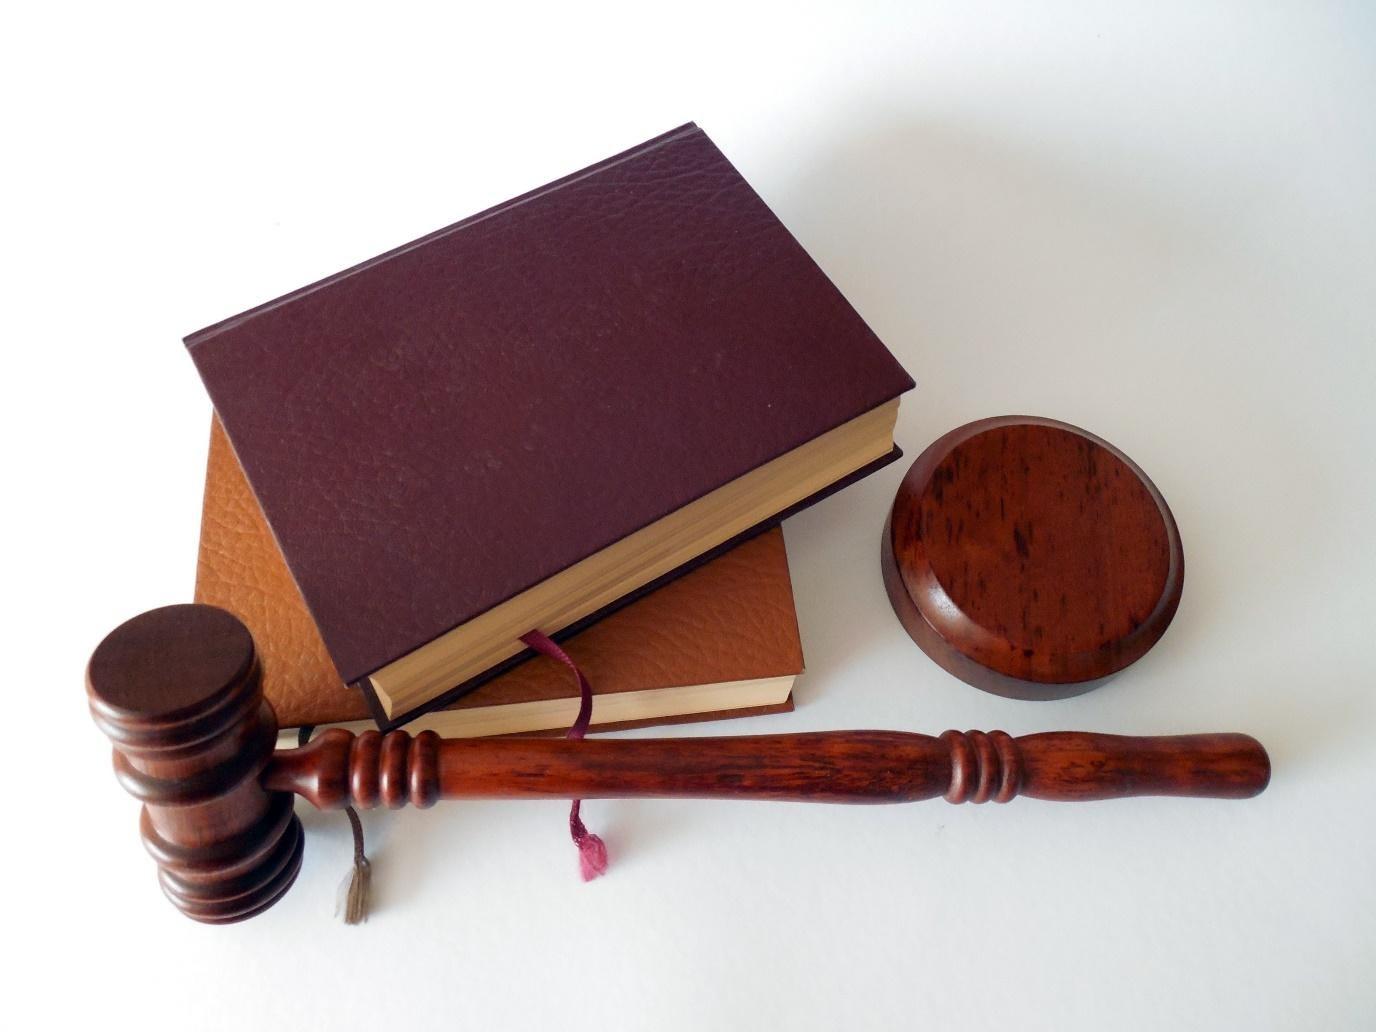 Richterhammer und zwei Gesetzbücher auf weißer Ebene